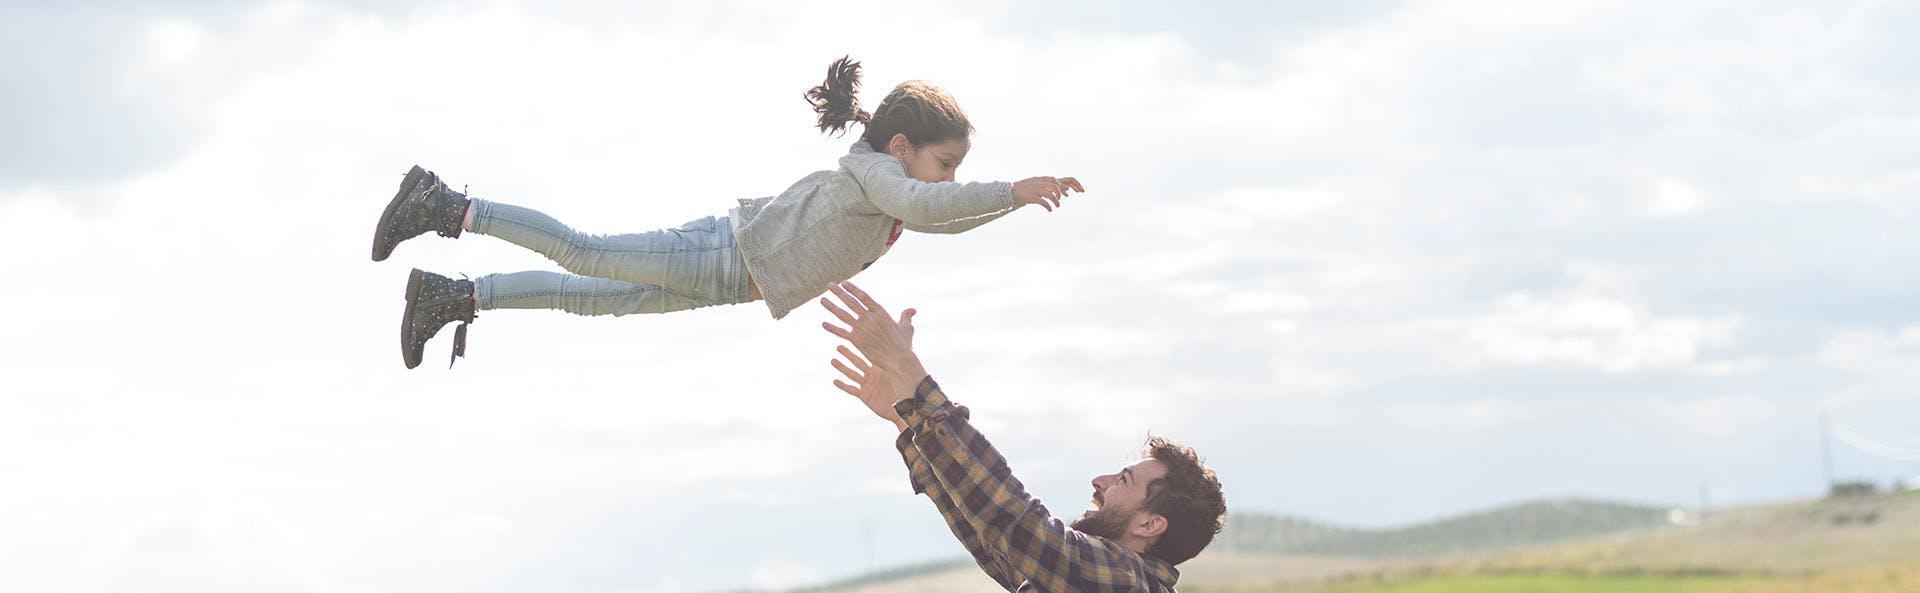 Padre juegando con su hija.